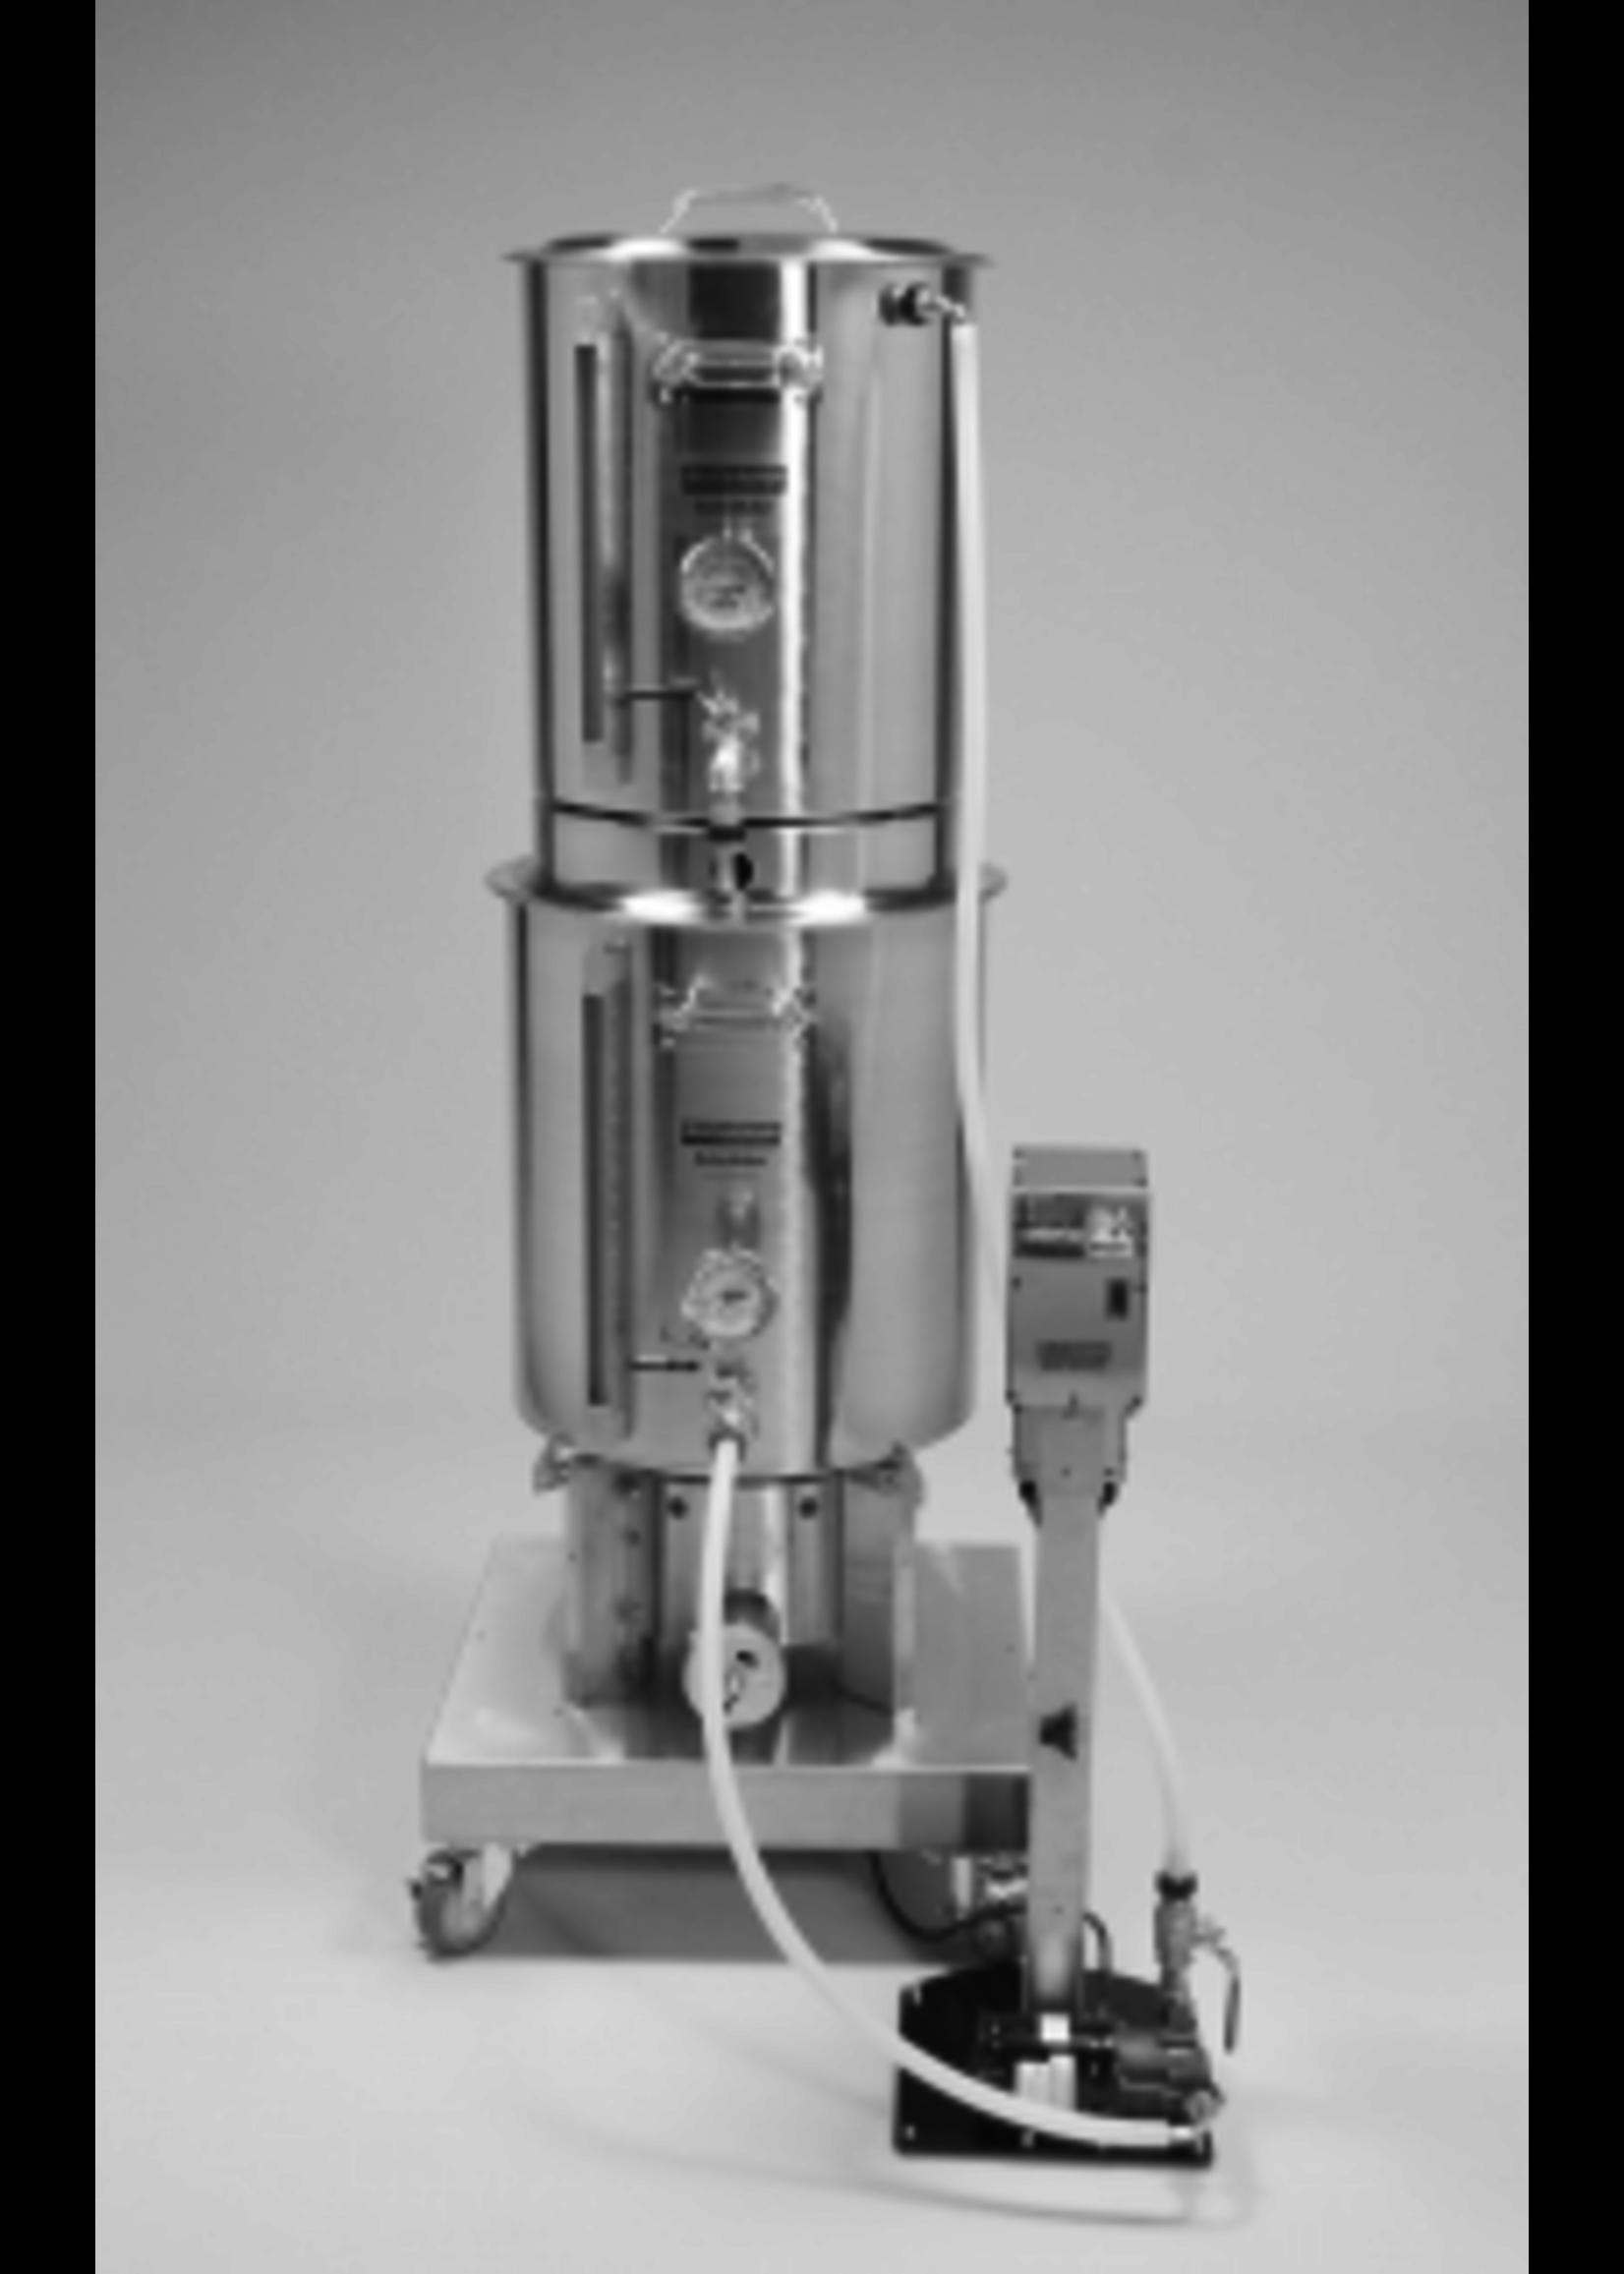 Blichmann Blichmann BrewEasy - Turnkey Kit - Gas FULL VERSION - 20 Gallon G2